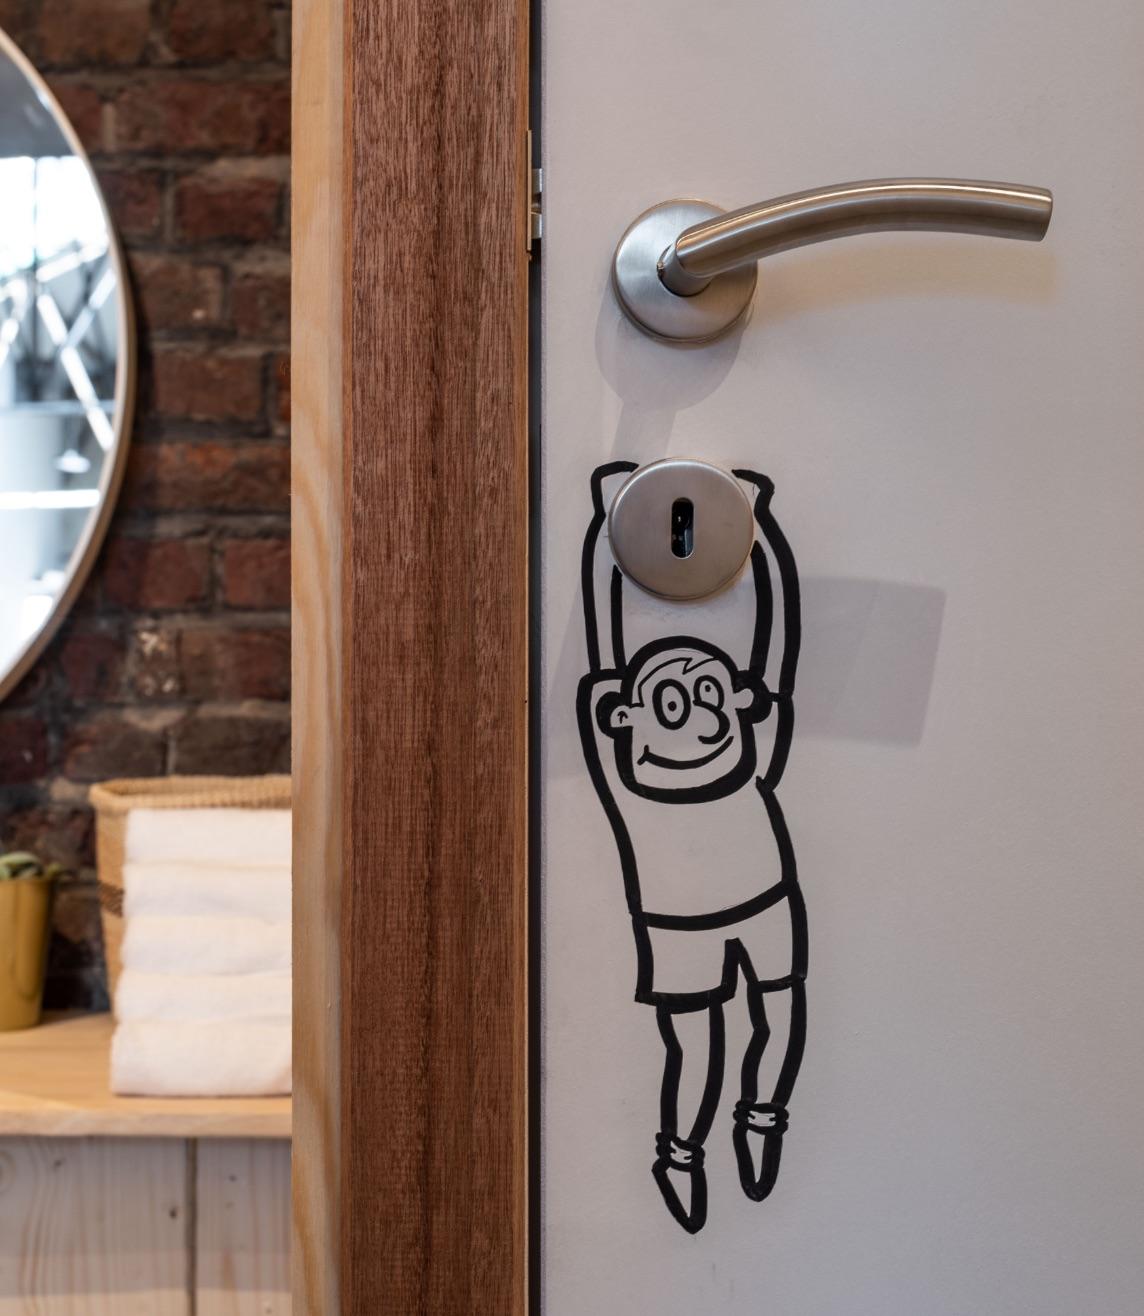 Foto van deur in de kleedkamer van FEL sportlocatie met een tekening op, een mannetje dat aan het sleutelgat hangt te bengelen.